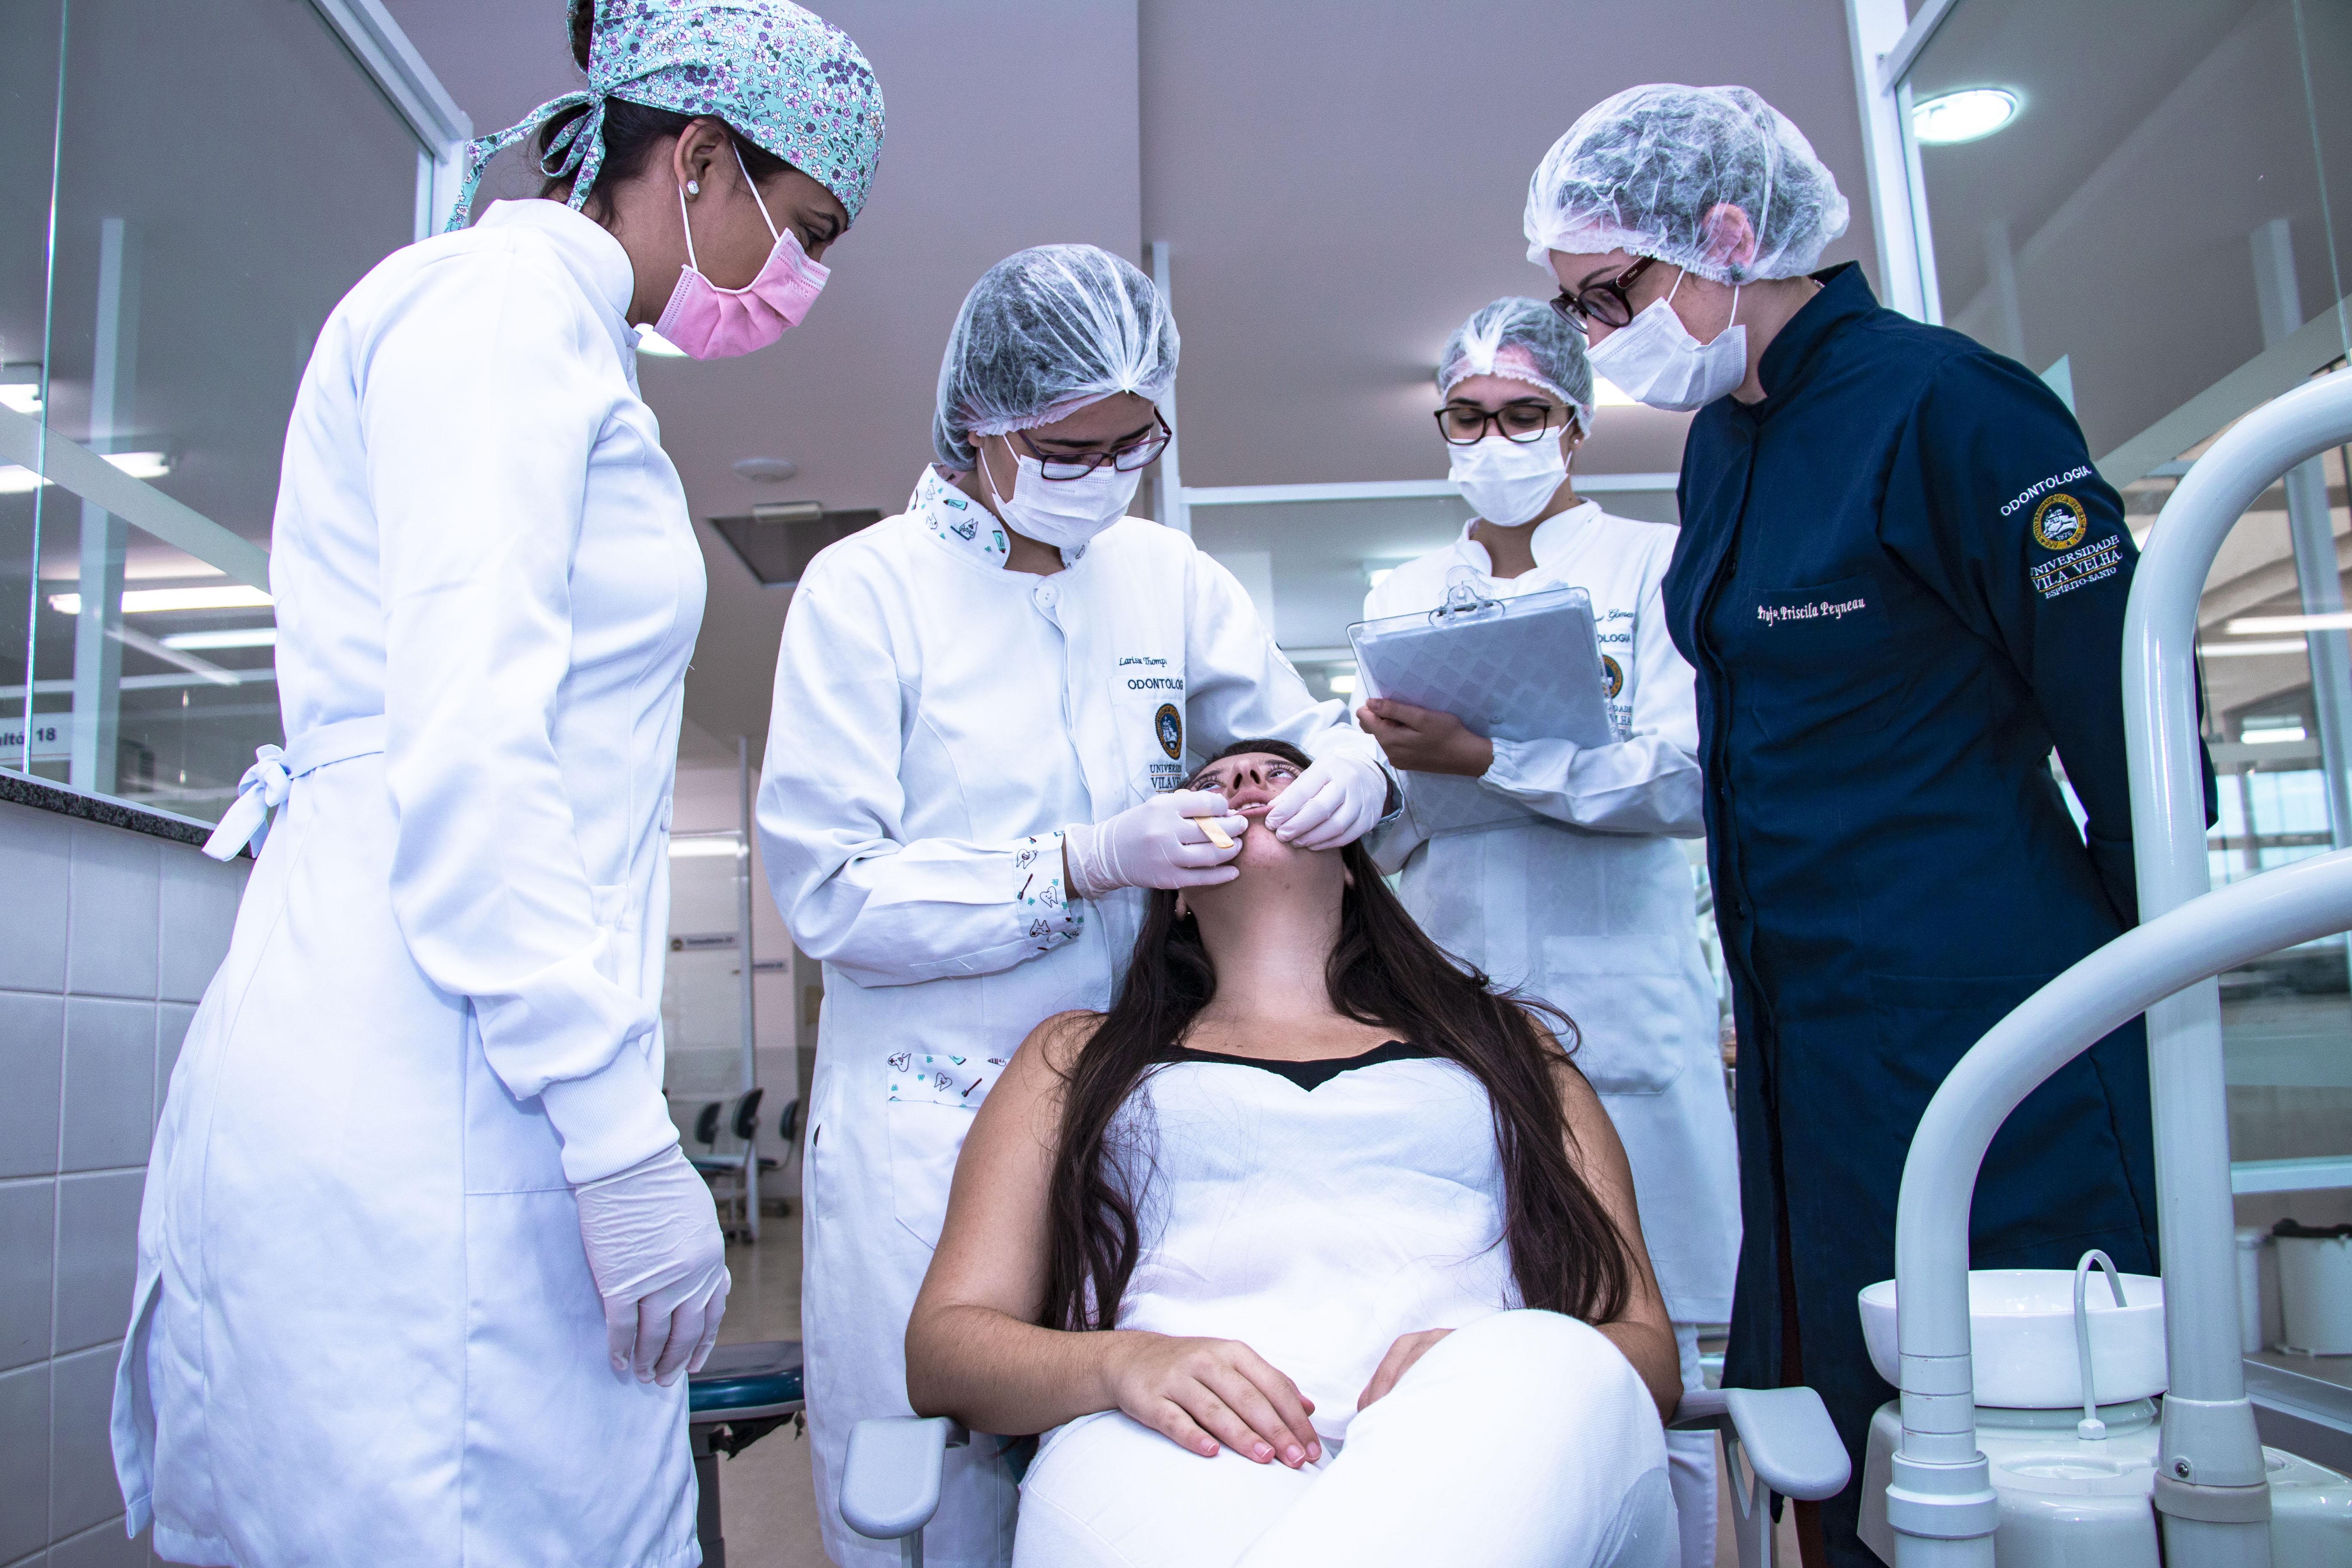 Vagas abertas para atendimentos na Clínica Odontológica UVV